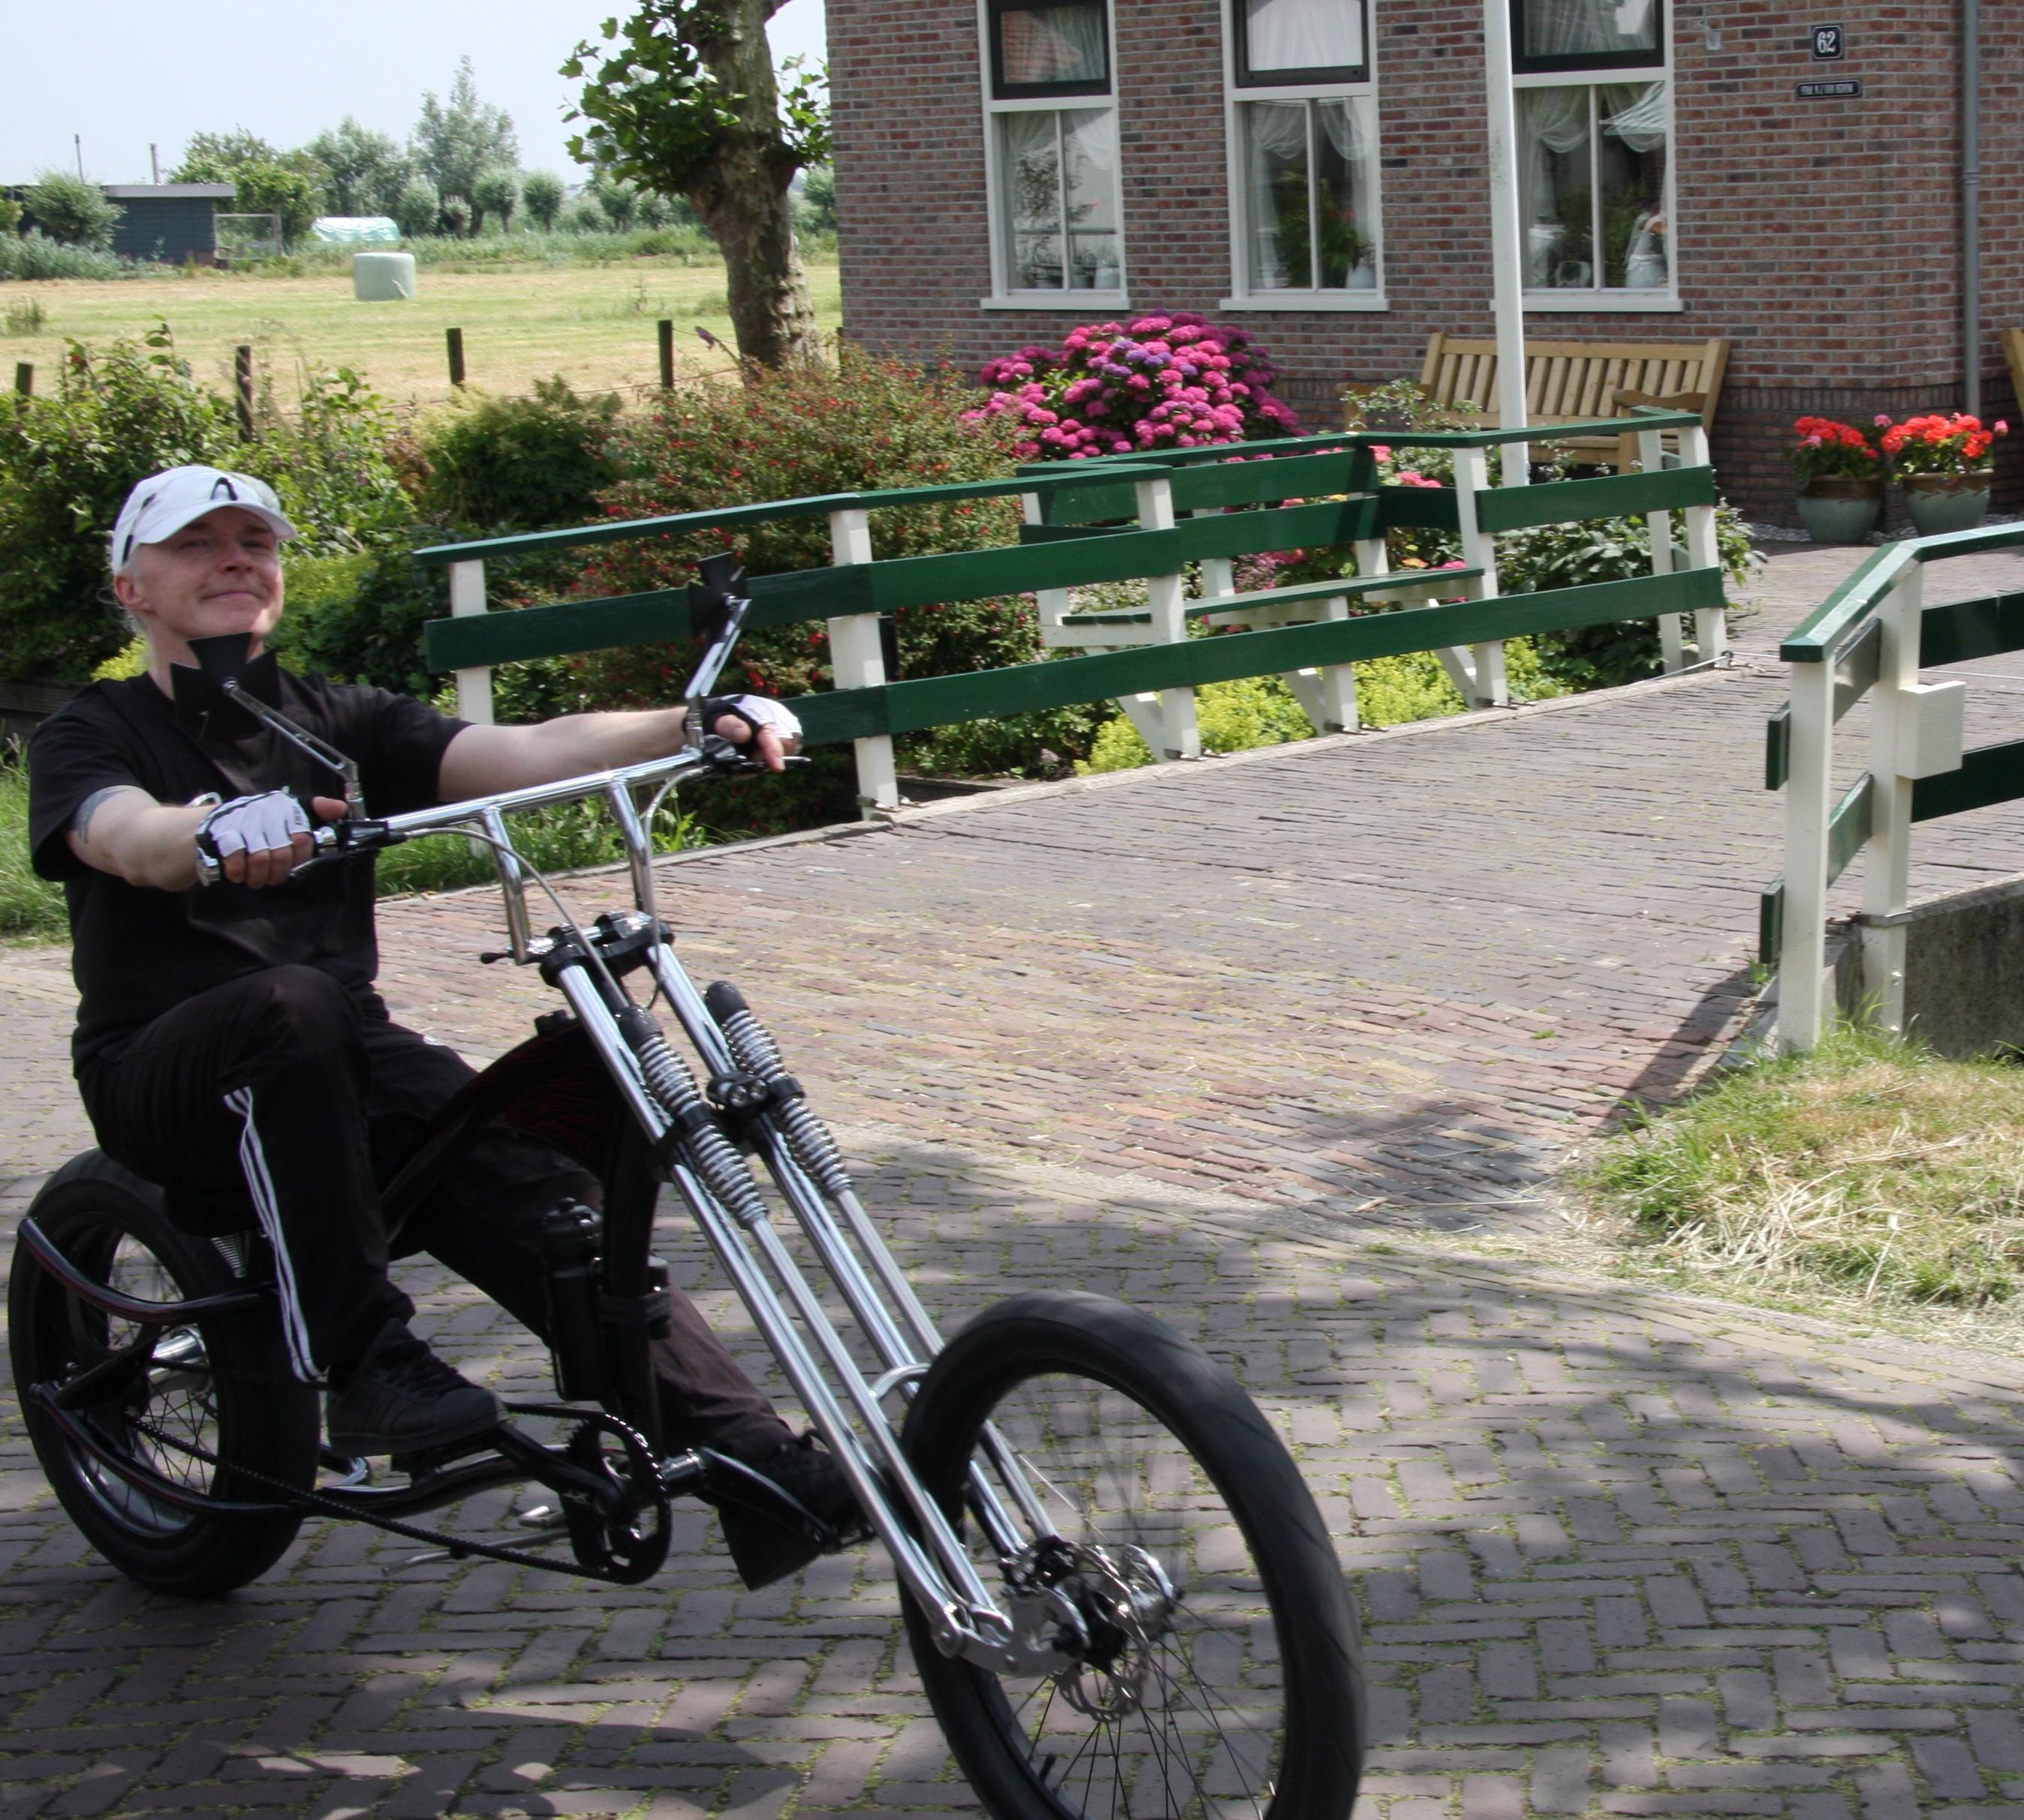 Bijzondere fietsers door het hobbelige Jisp